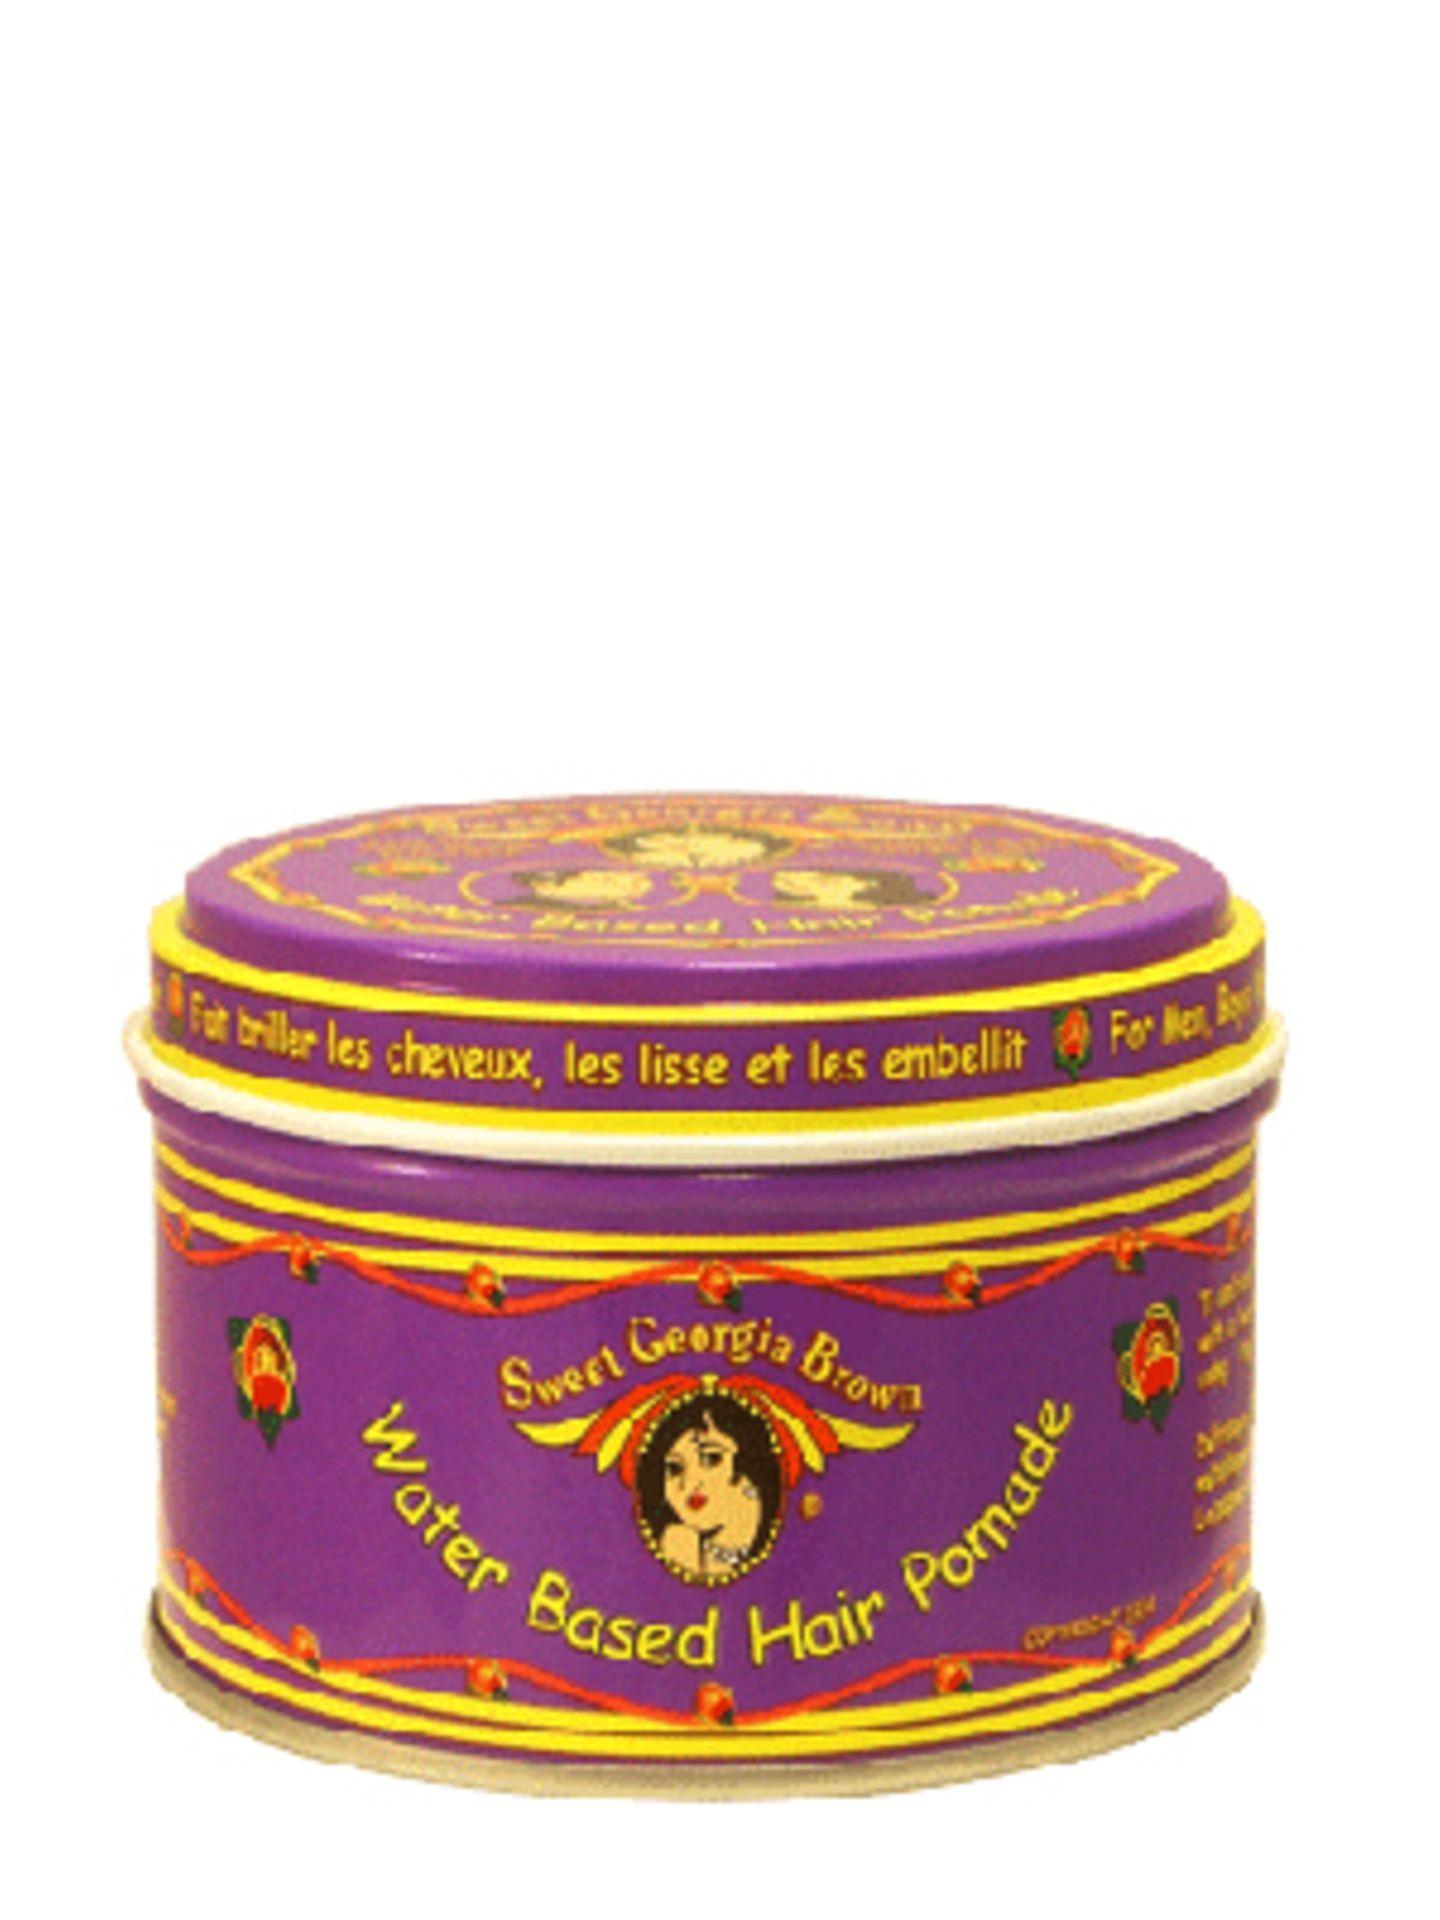 Warum Opa nicht eine Erinnerung an seine damals so volle Föhnwelle schenken? Im PomadeShop gibt's original Haarstyling-Produkte aus den zwanziger bis fünziger Jahren. Die Sweet Giorgia Brown Hair Dressing Pomade kostet um 7 Euro.